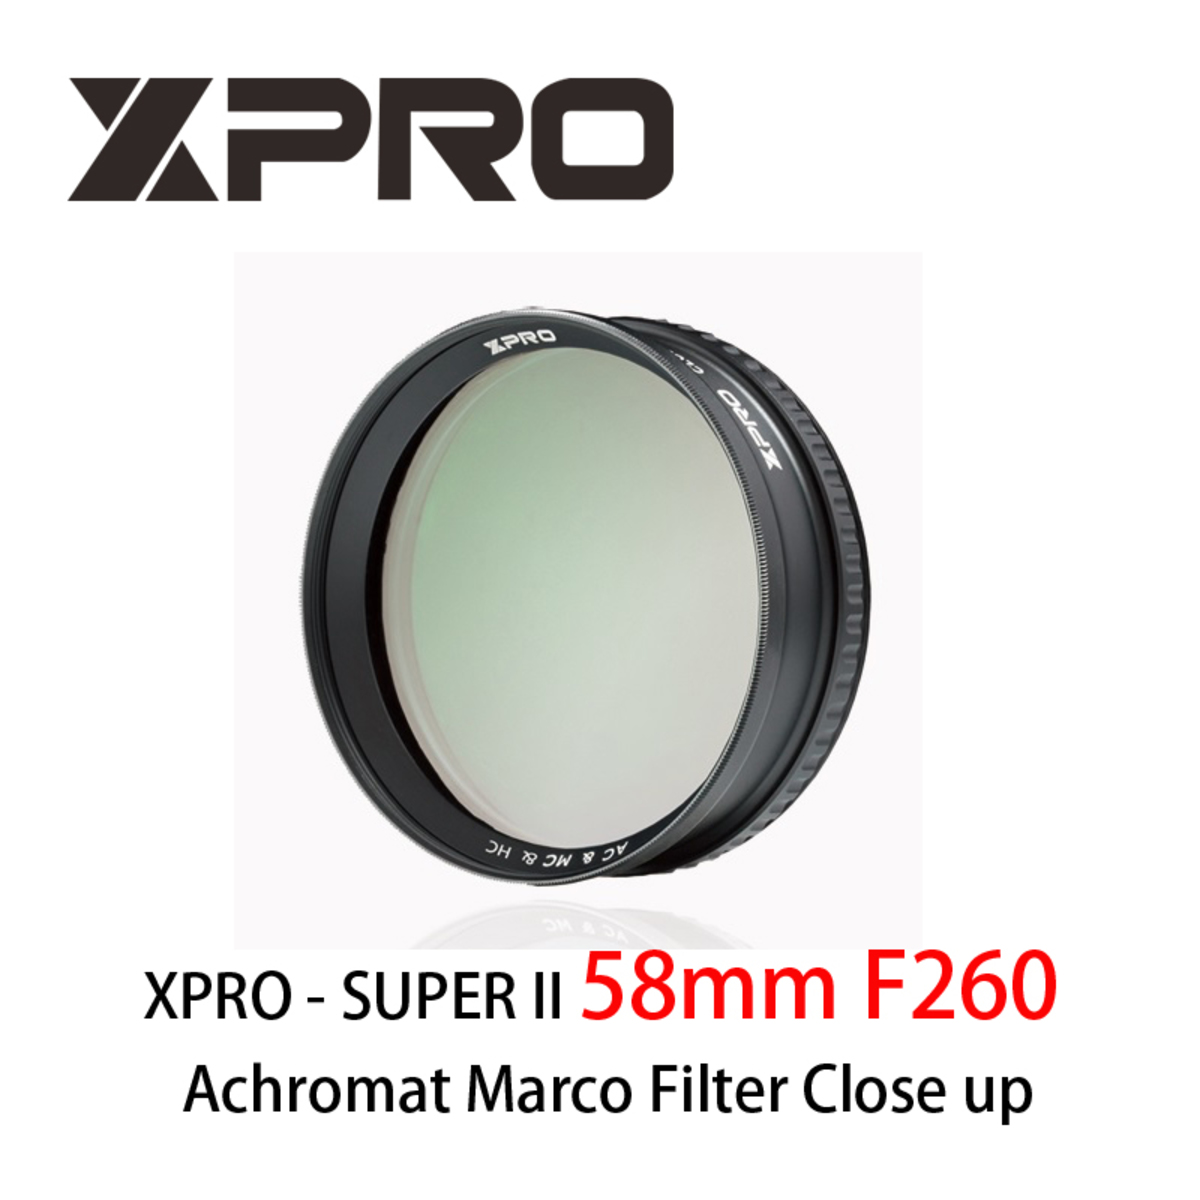 SUPER II 58mm F260 Achromat Marco Filter Close up 近攝鏡